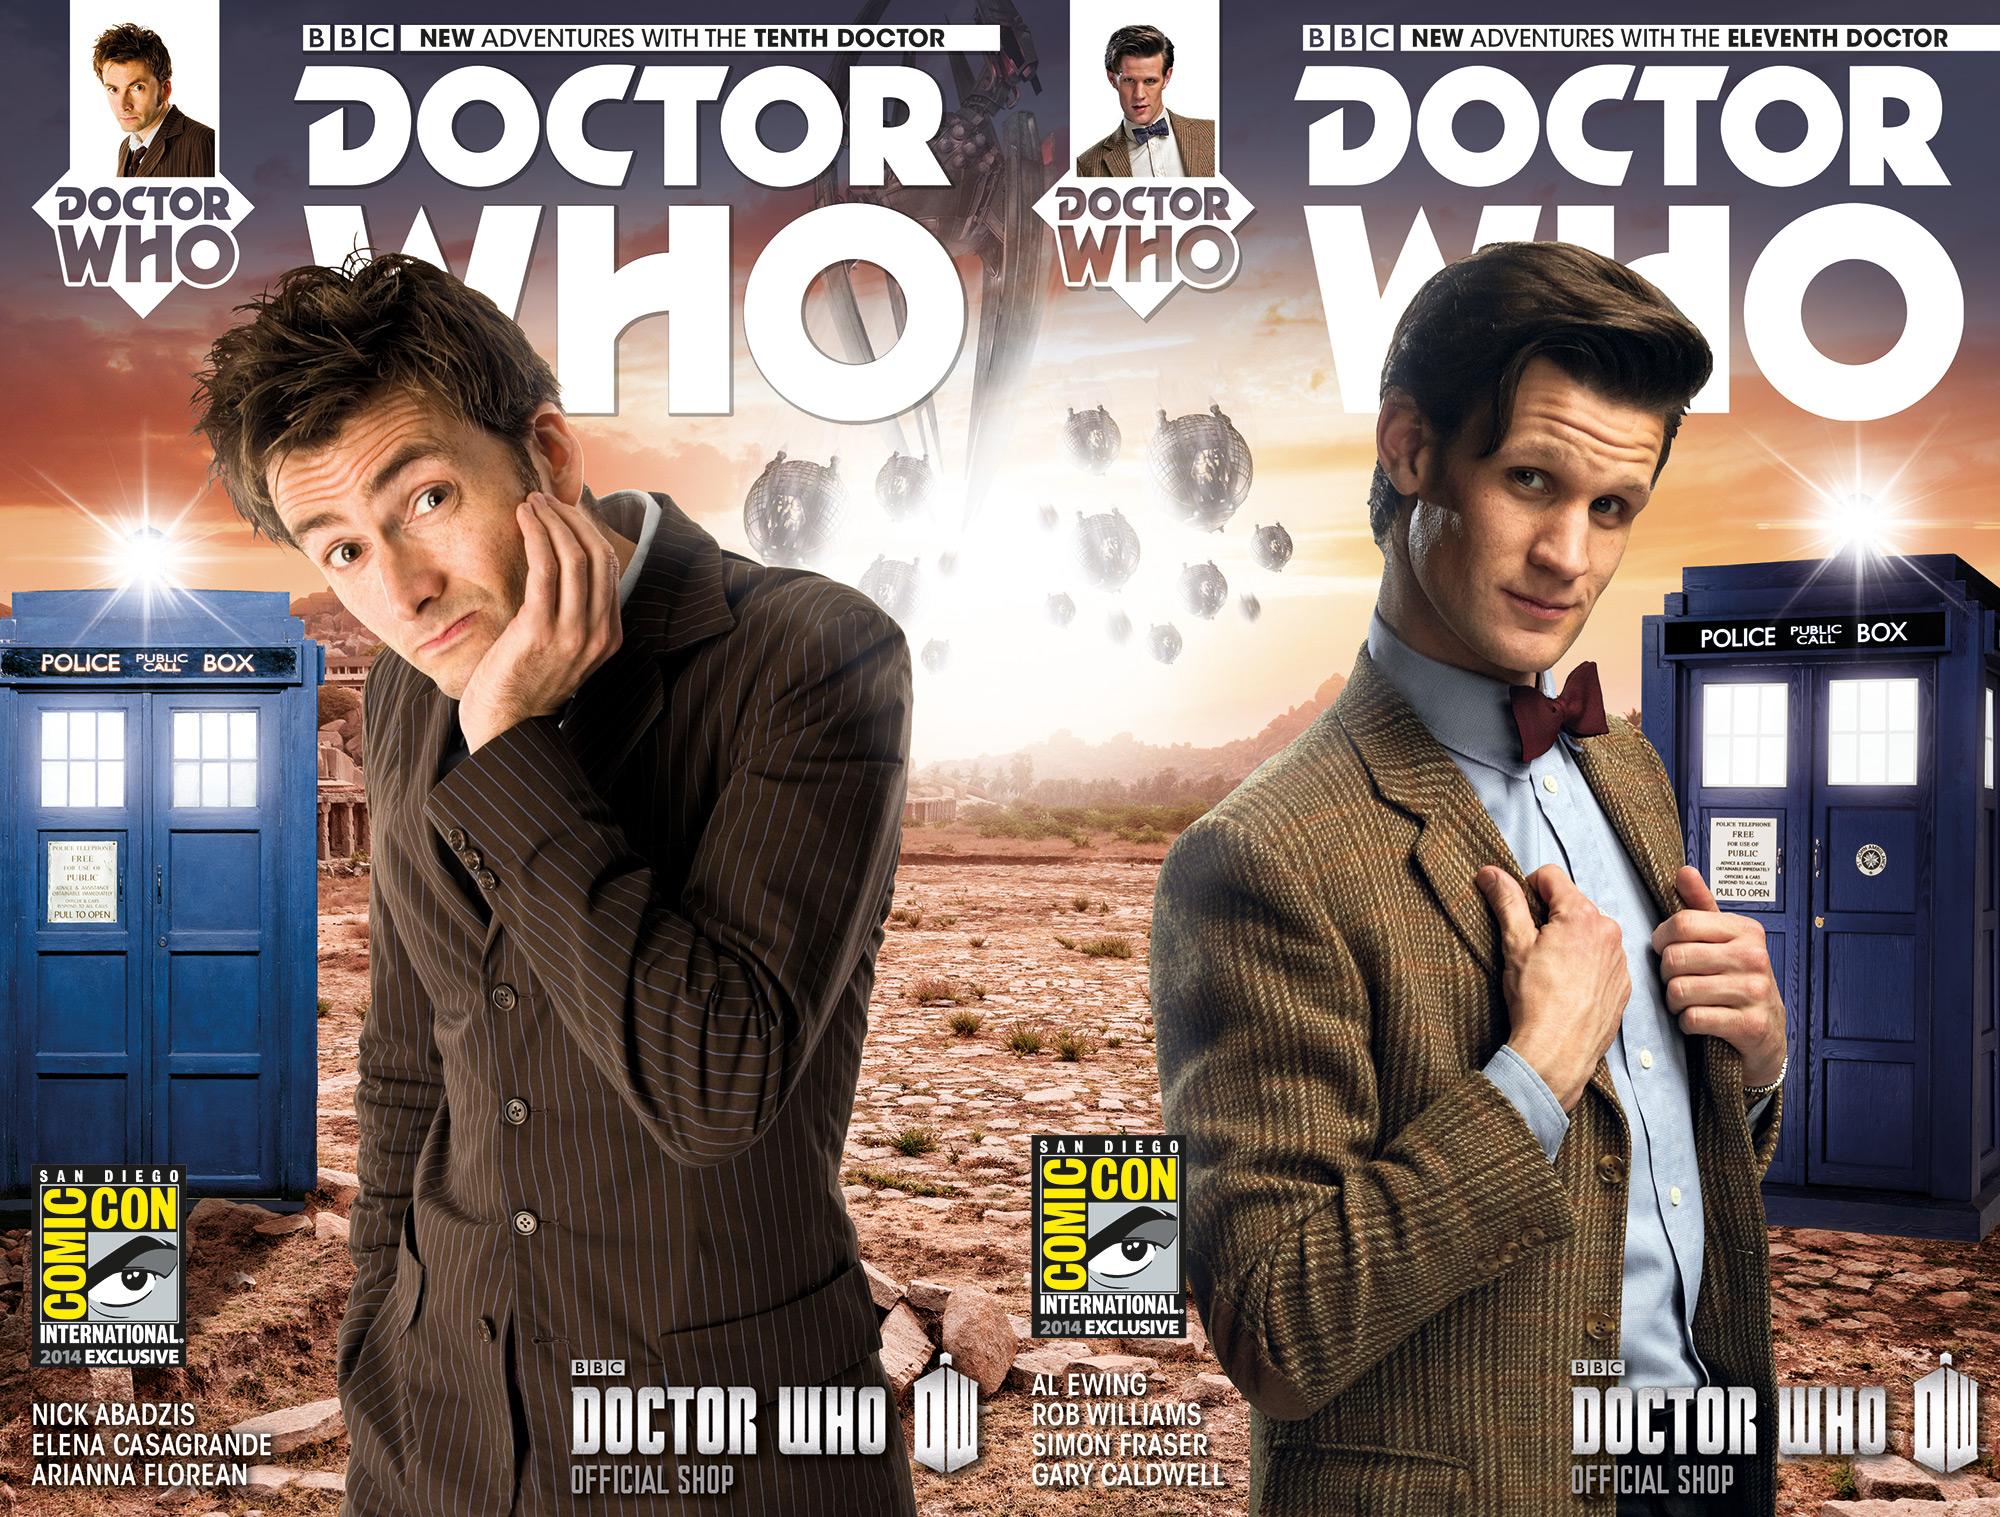 BBC Shop Variant (Credit: Titan)